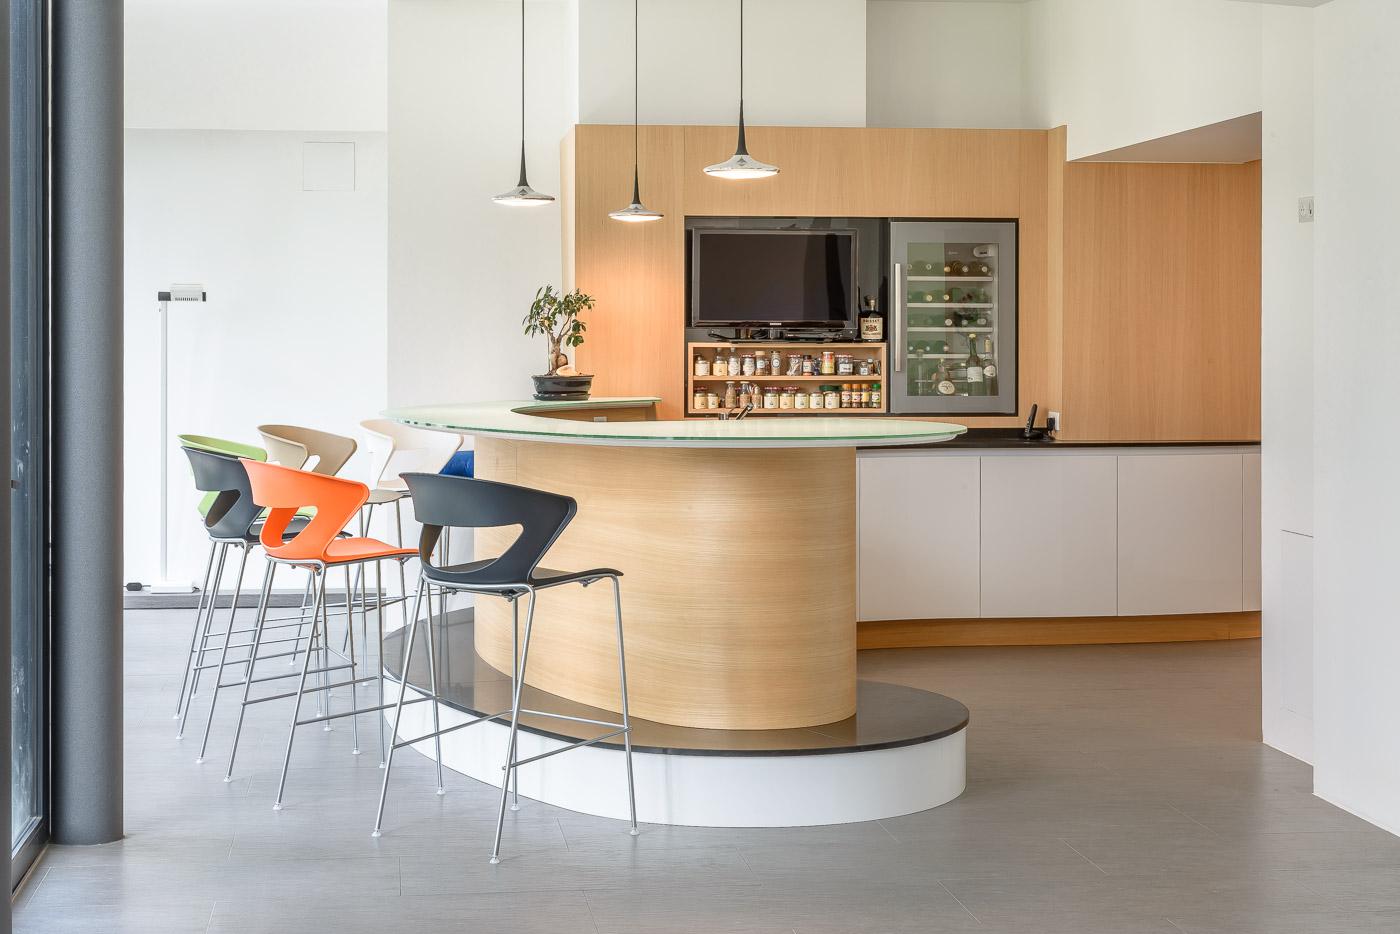 cuisines cormier agencement de cuisine n141. Black Bedroom Furniture Sets. Home Design Ideas